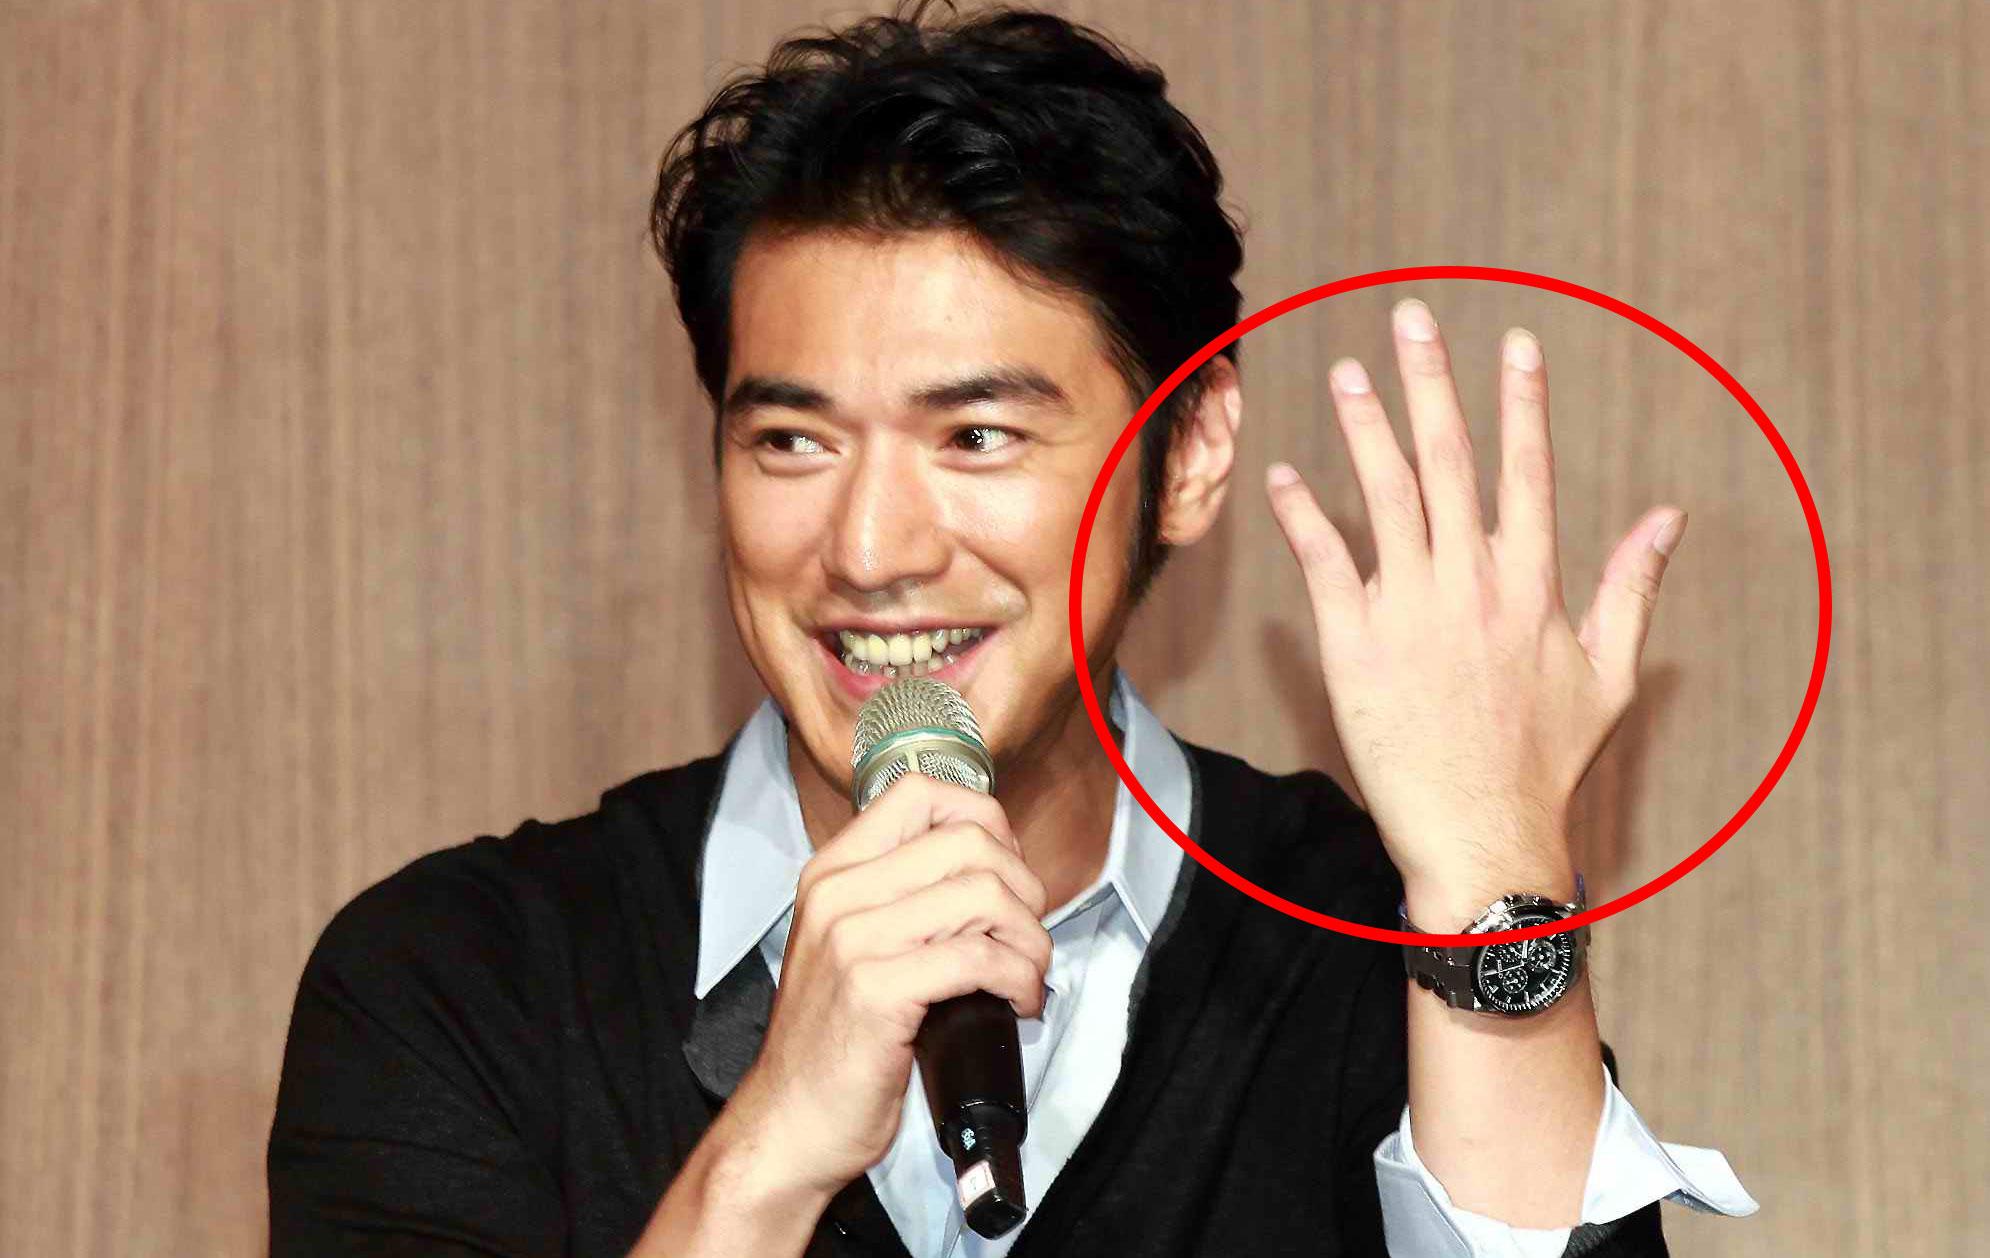 牽手就明瞭!只要看手指就知道「男人對女生好不好」 食指的長度最重要